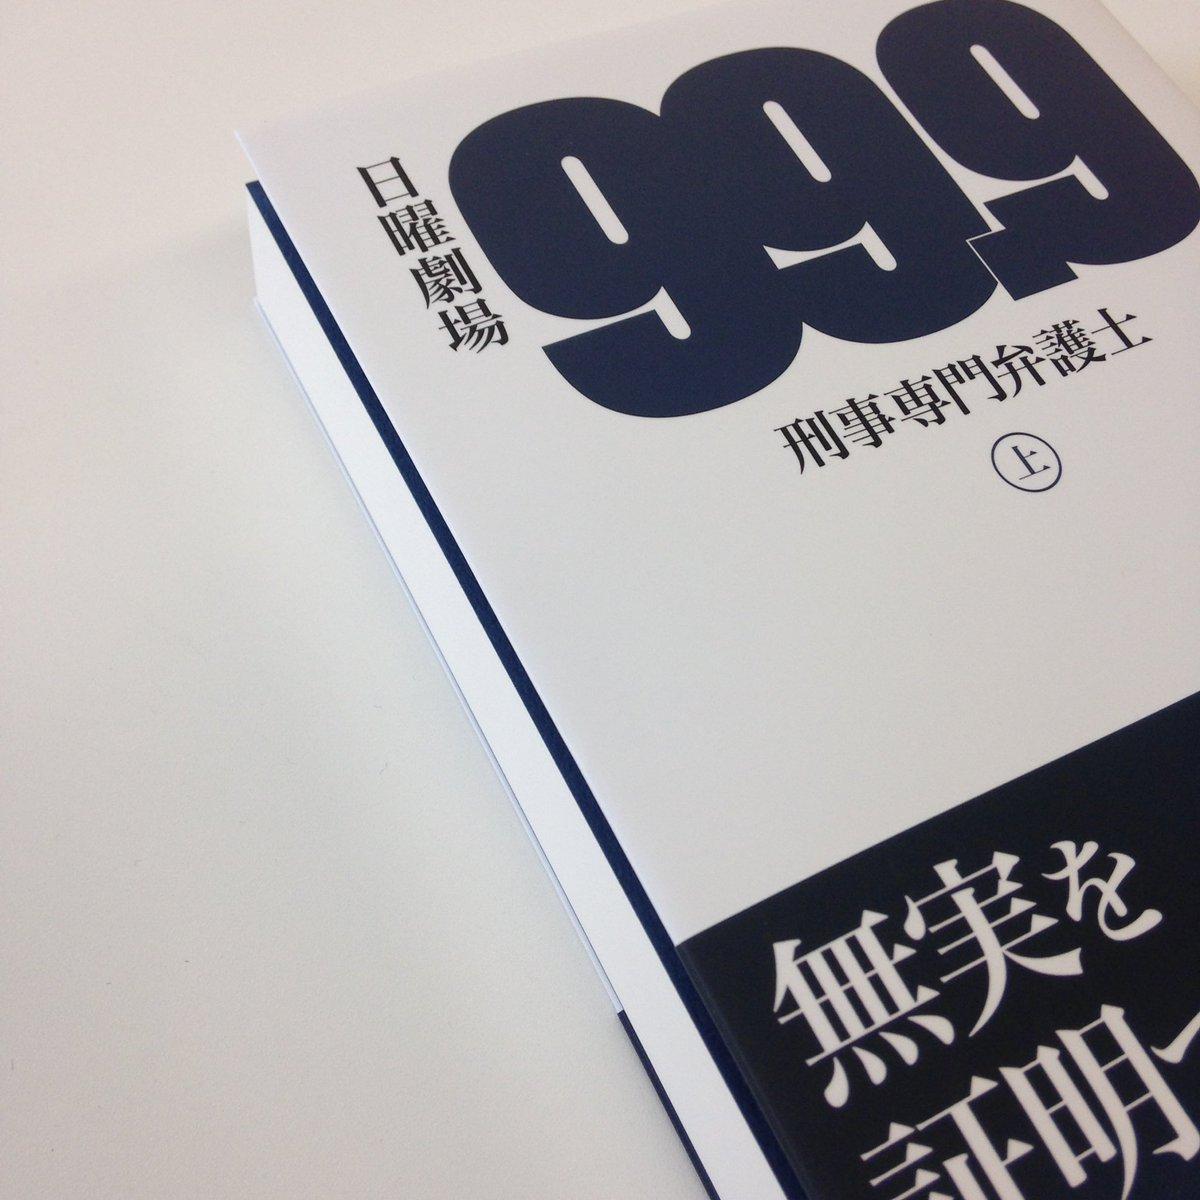 日曜劇場「99.9刑事専門弁護士」本日見本誌上がってきましたー https://t.co/AfJWXuchnE